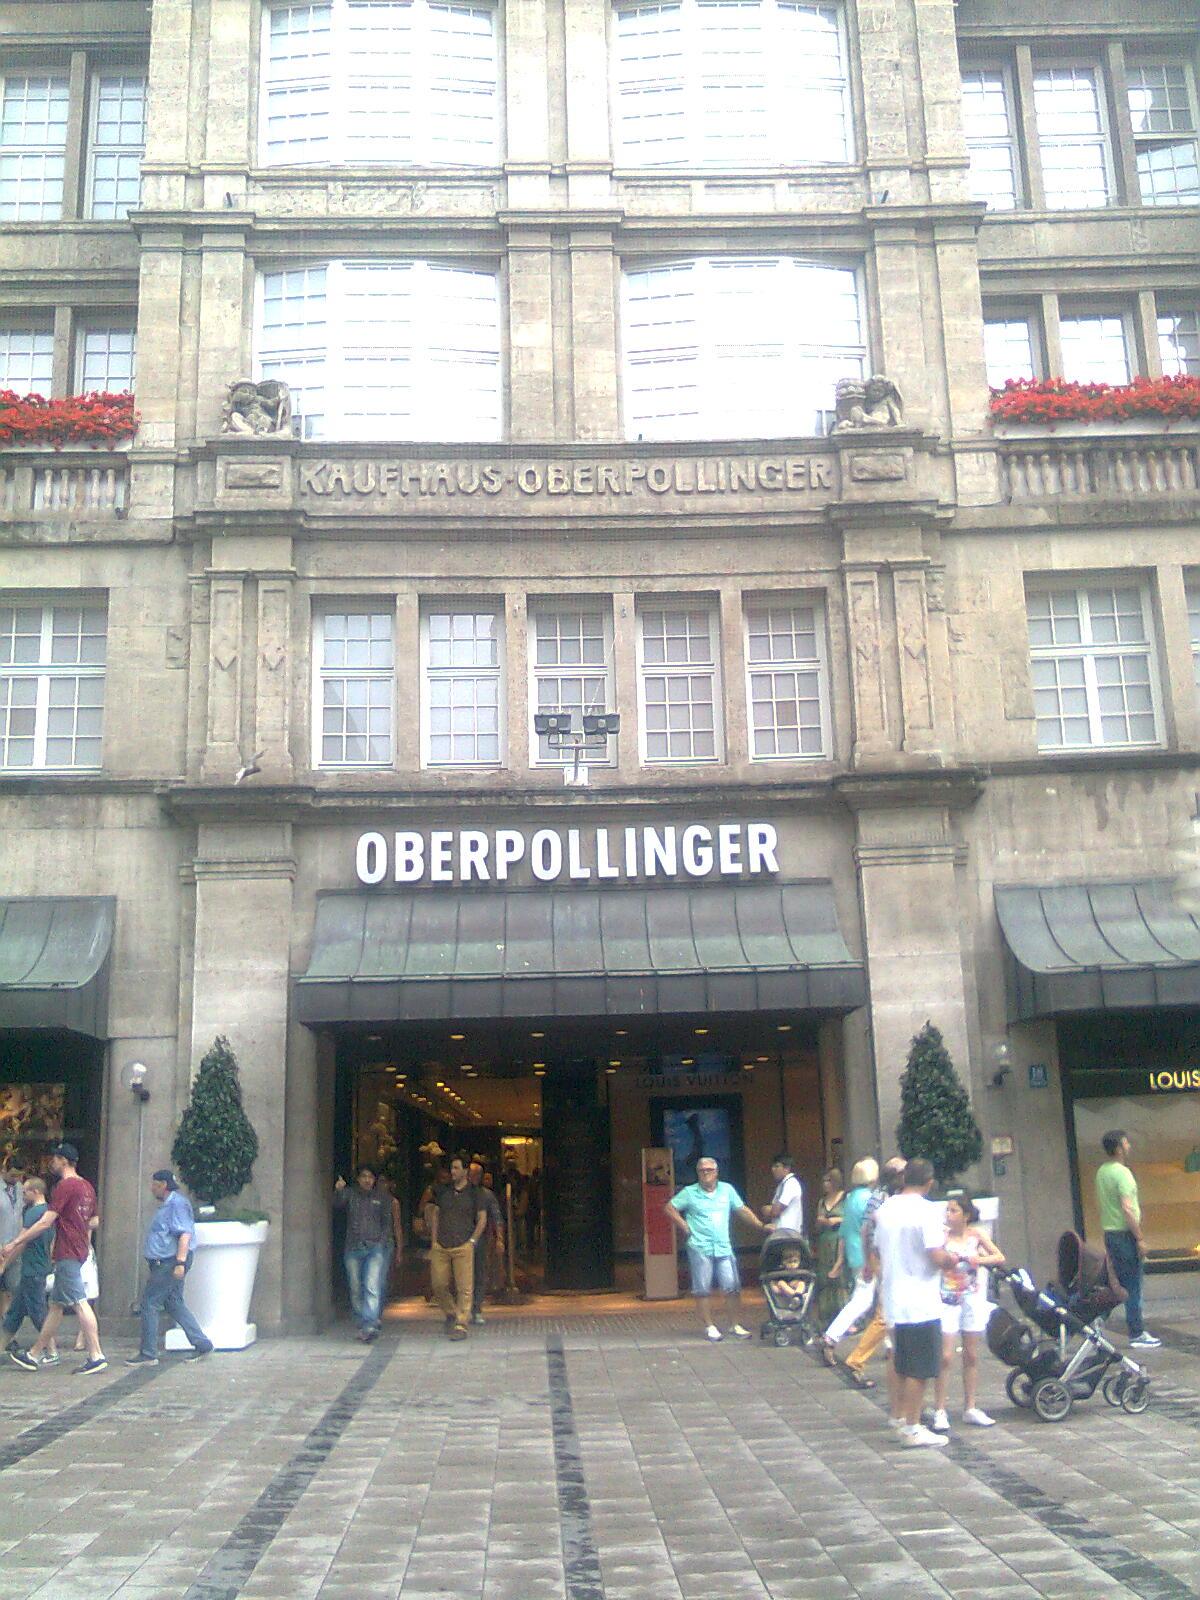 f5d3432f29612e ➤ Essanelle Ihr Friseur - Karstadt Oberpollinger 80331 München ...